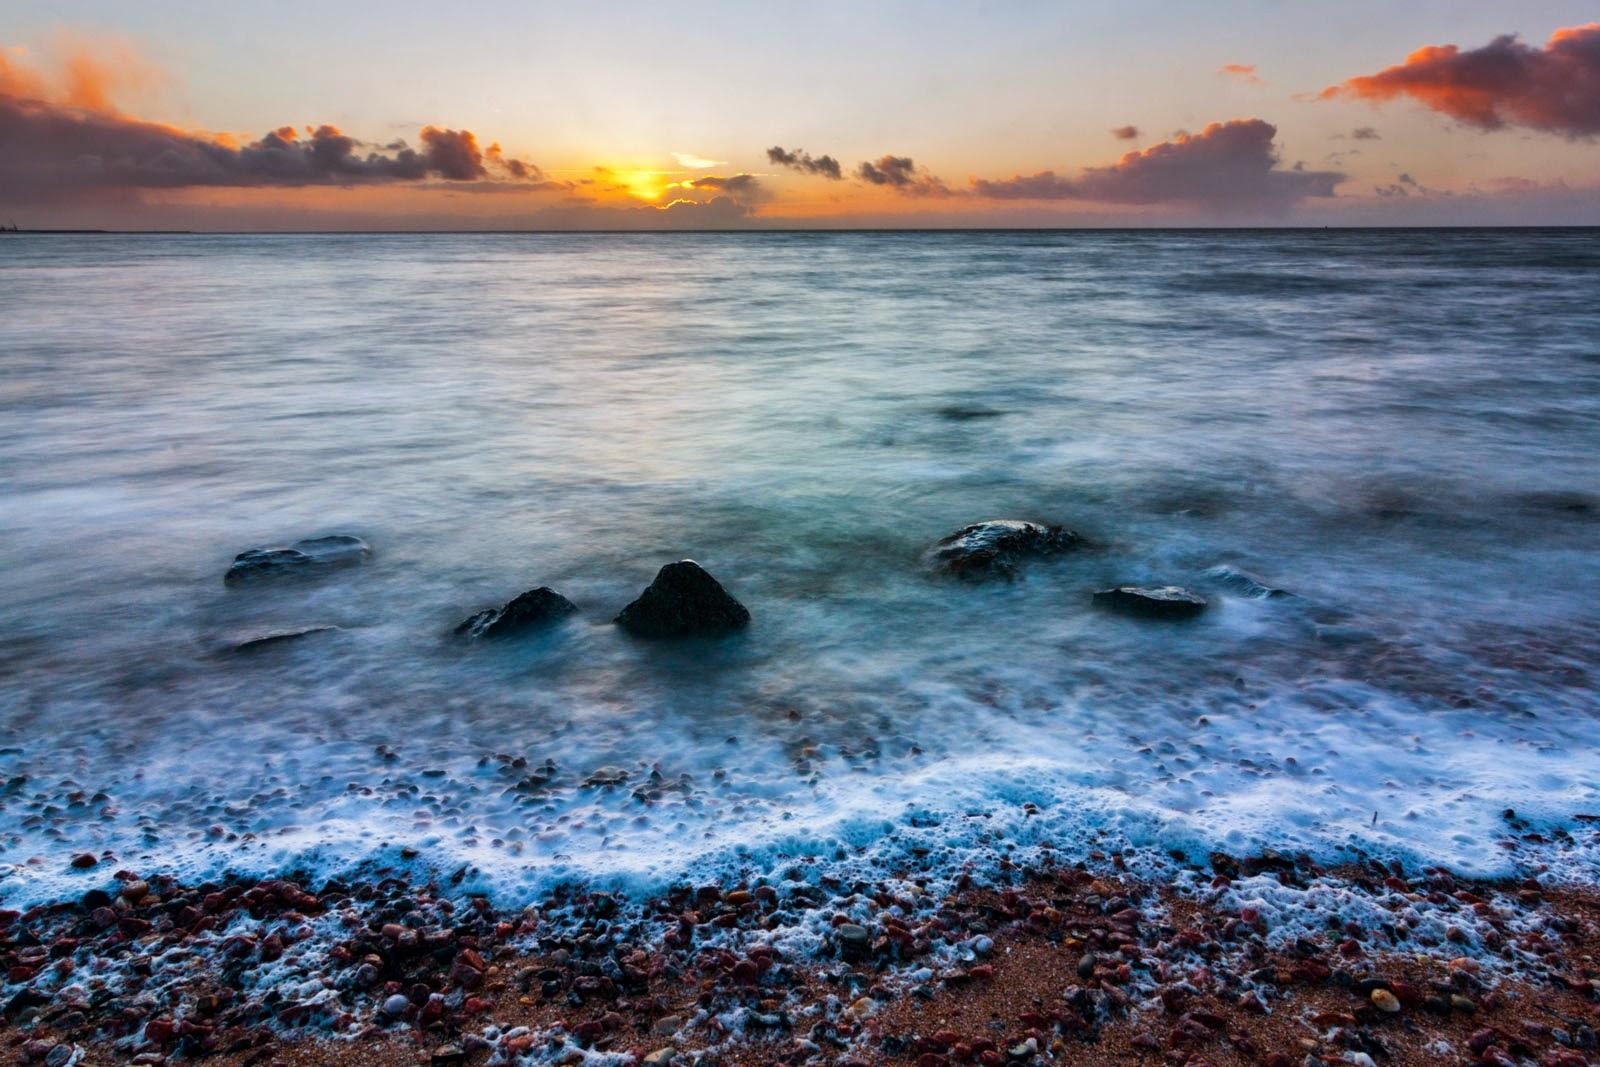 Strandje van Roptazijl aan de Waddenzee